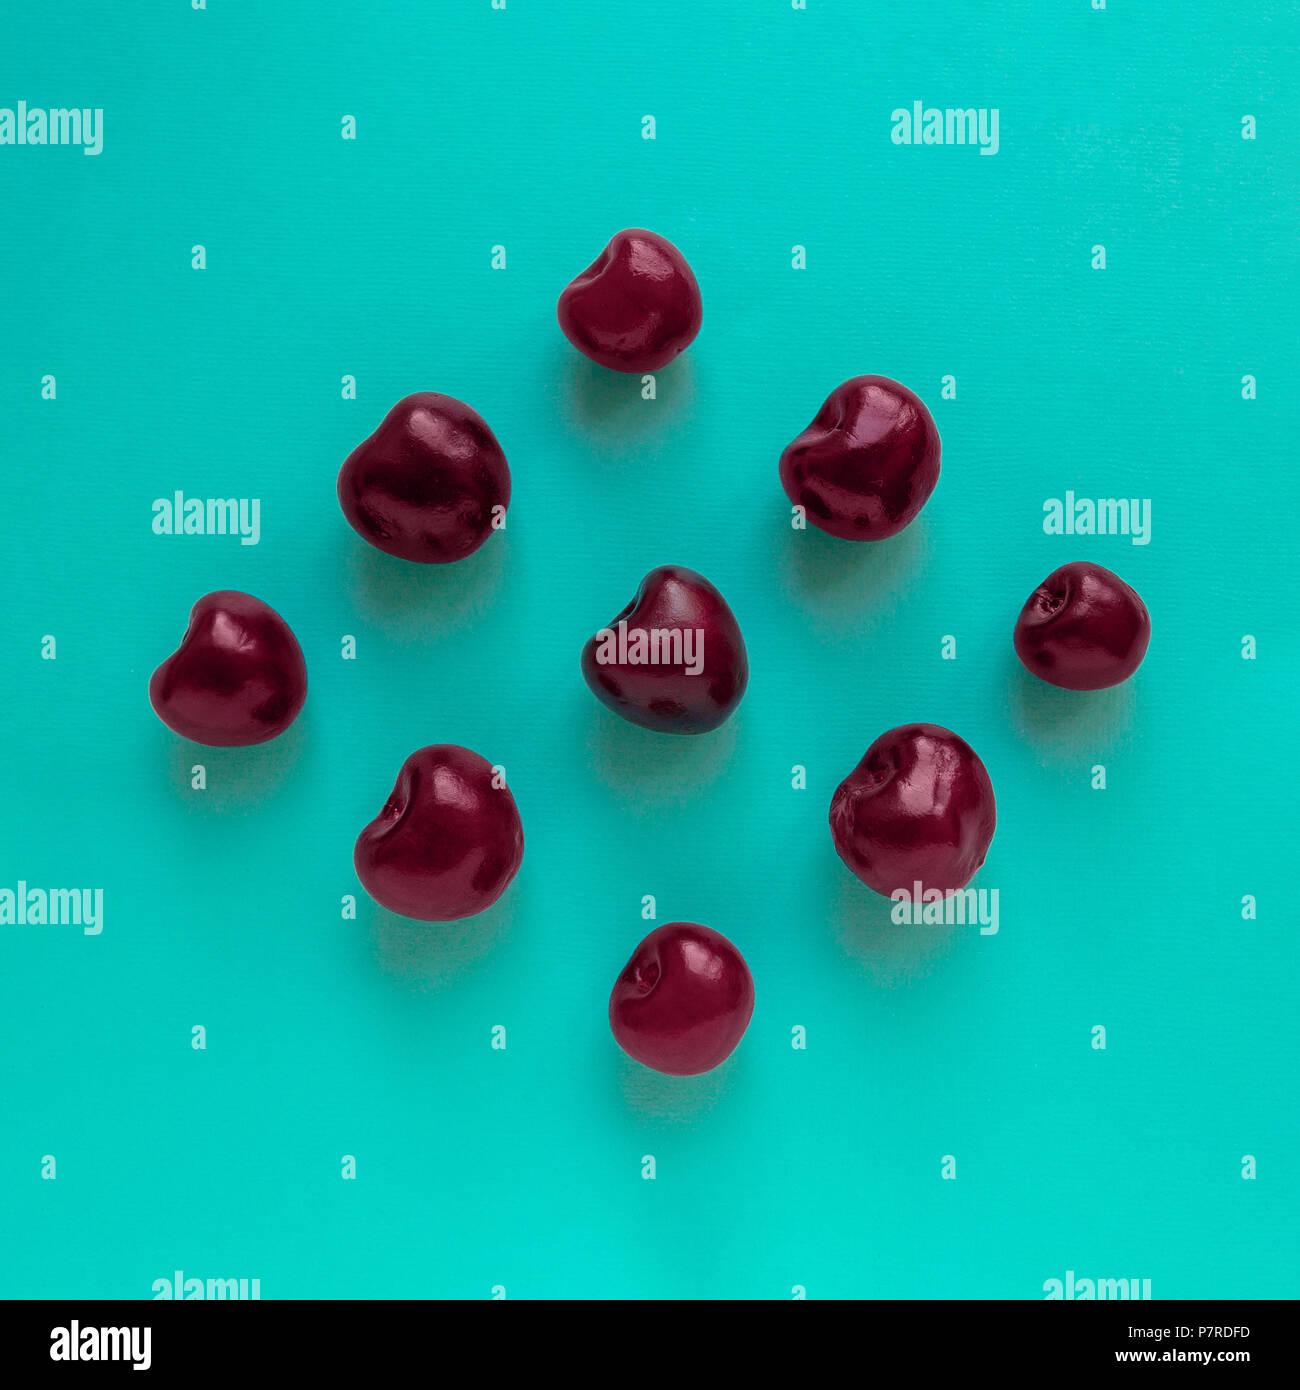 Vista superior de la cereza las cerezas maduras se encuentran en forma de diamante sobre fondo azul plano foto laicos Imagen De Stock